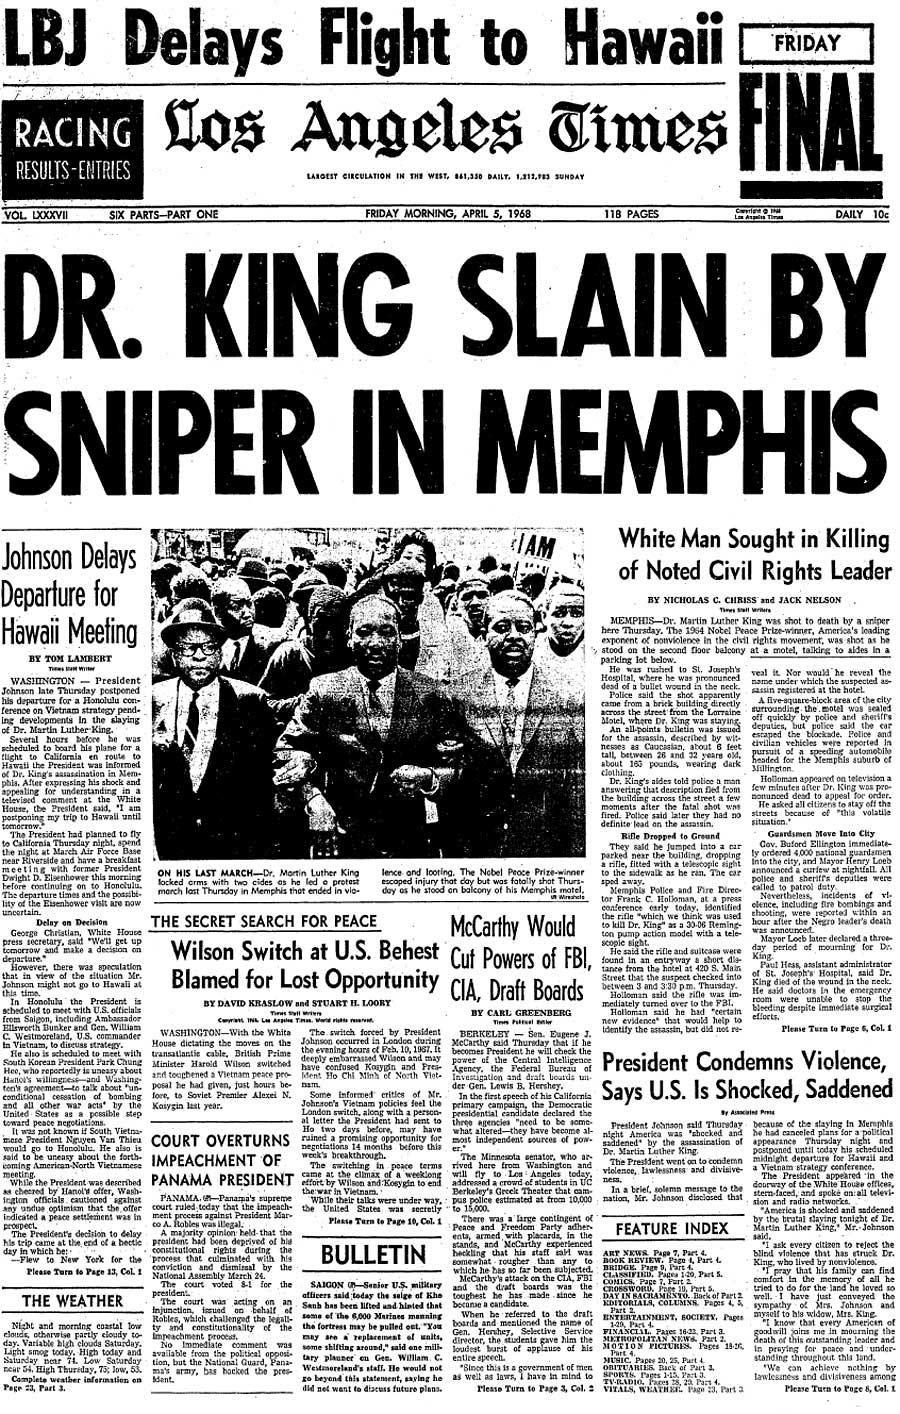 Mlk Assassination Headlines